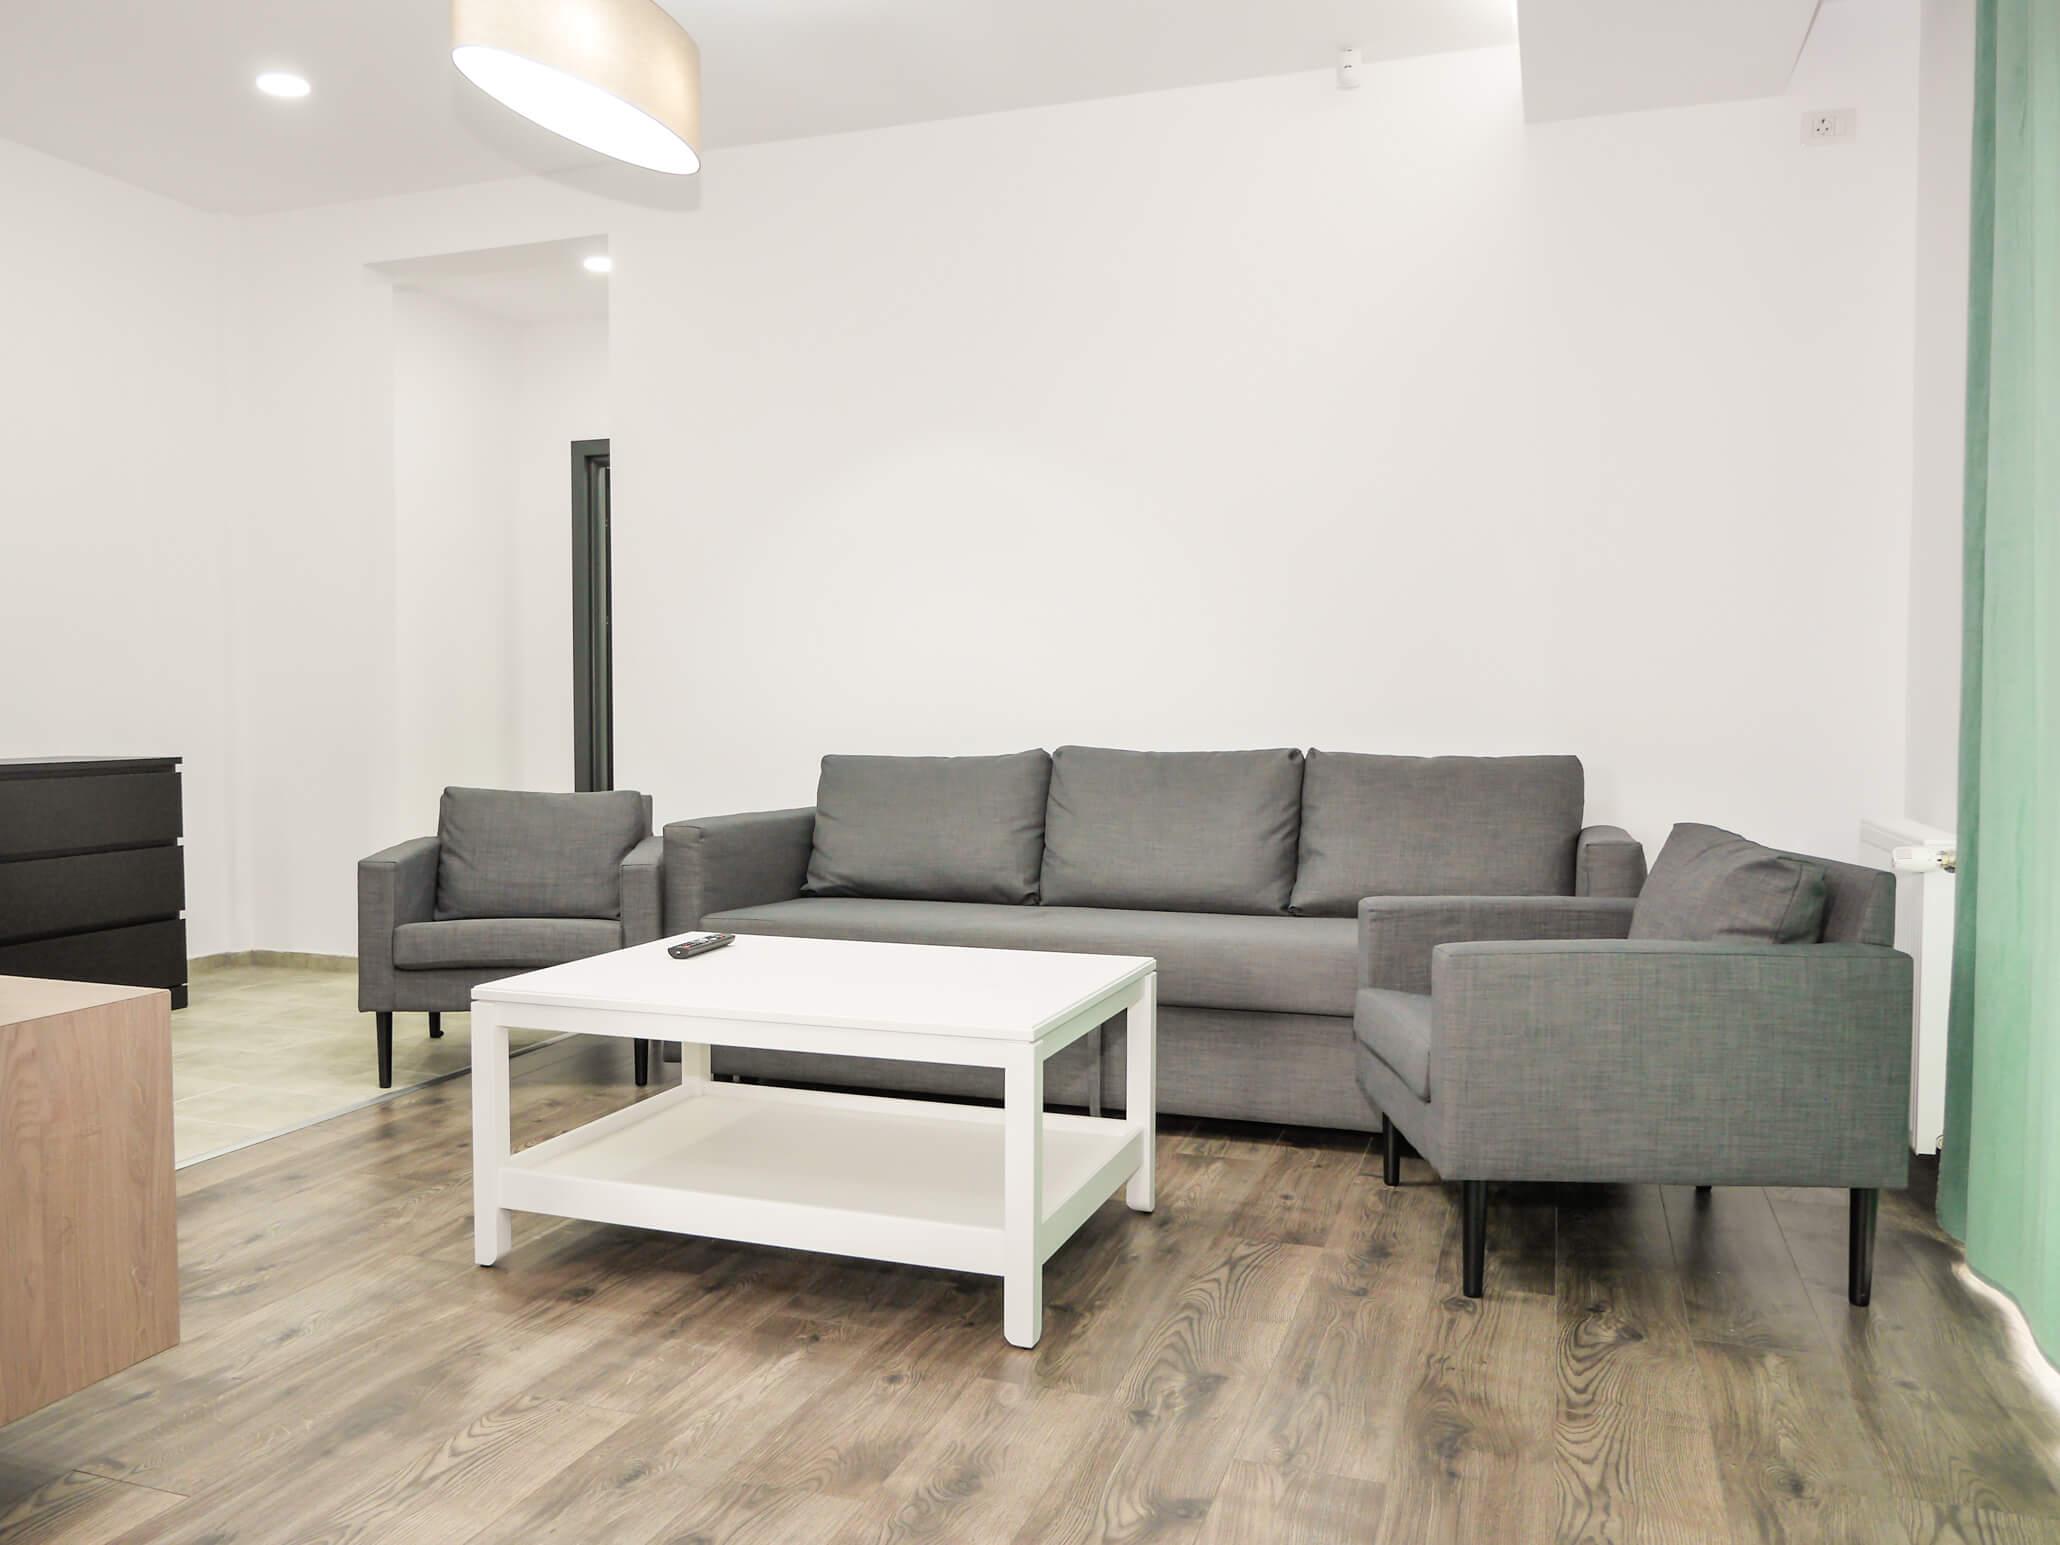 Clement Apartments - apartamente de inchiriat in regim hotelier - cazare neamt - cazare piatra neamt - apartament 7 (5)